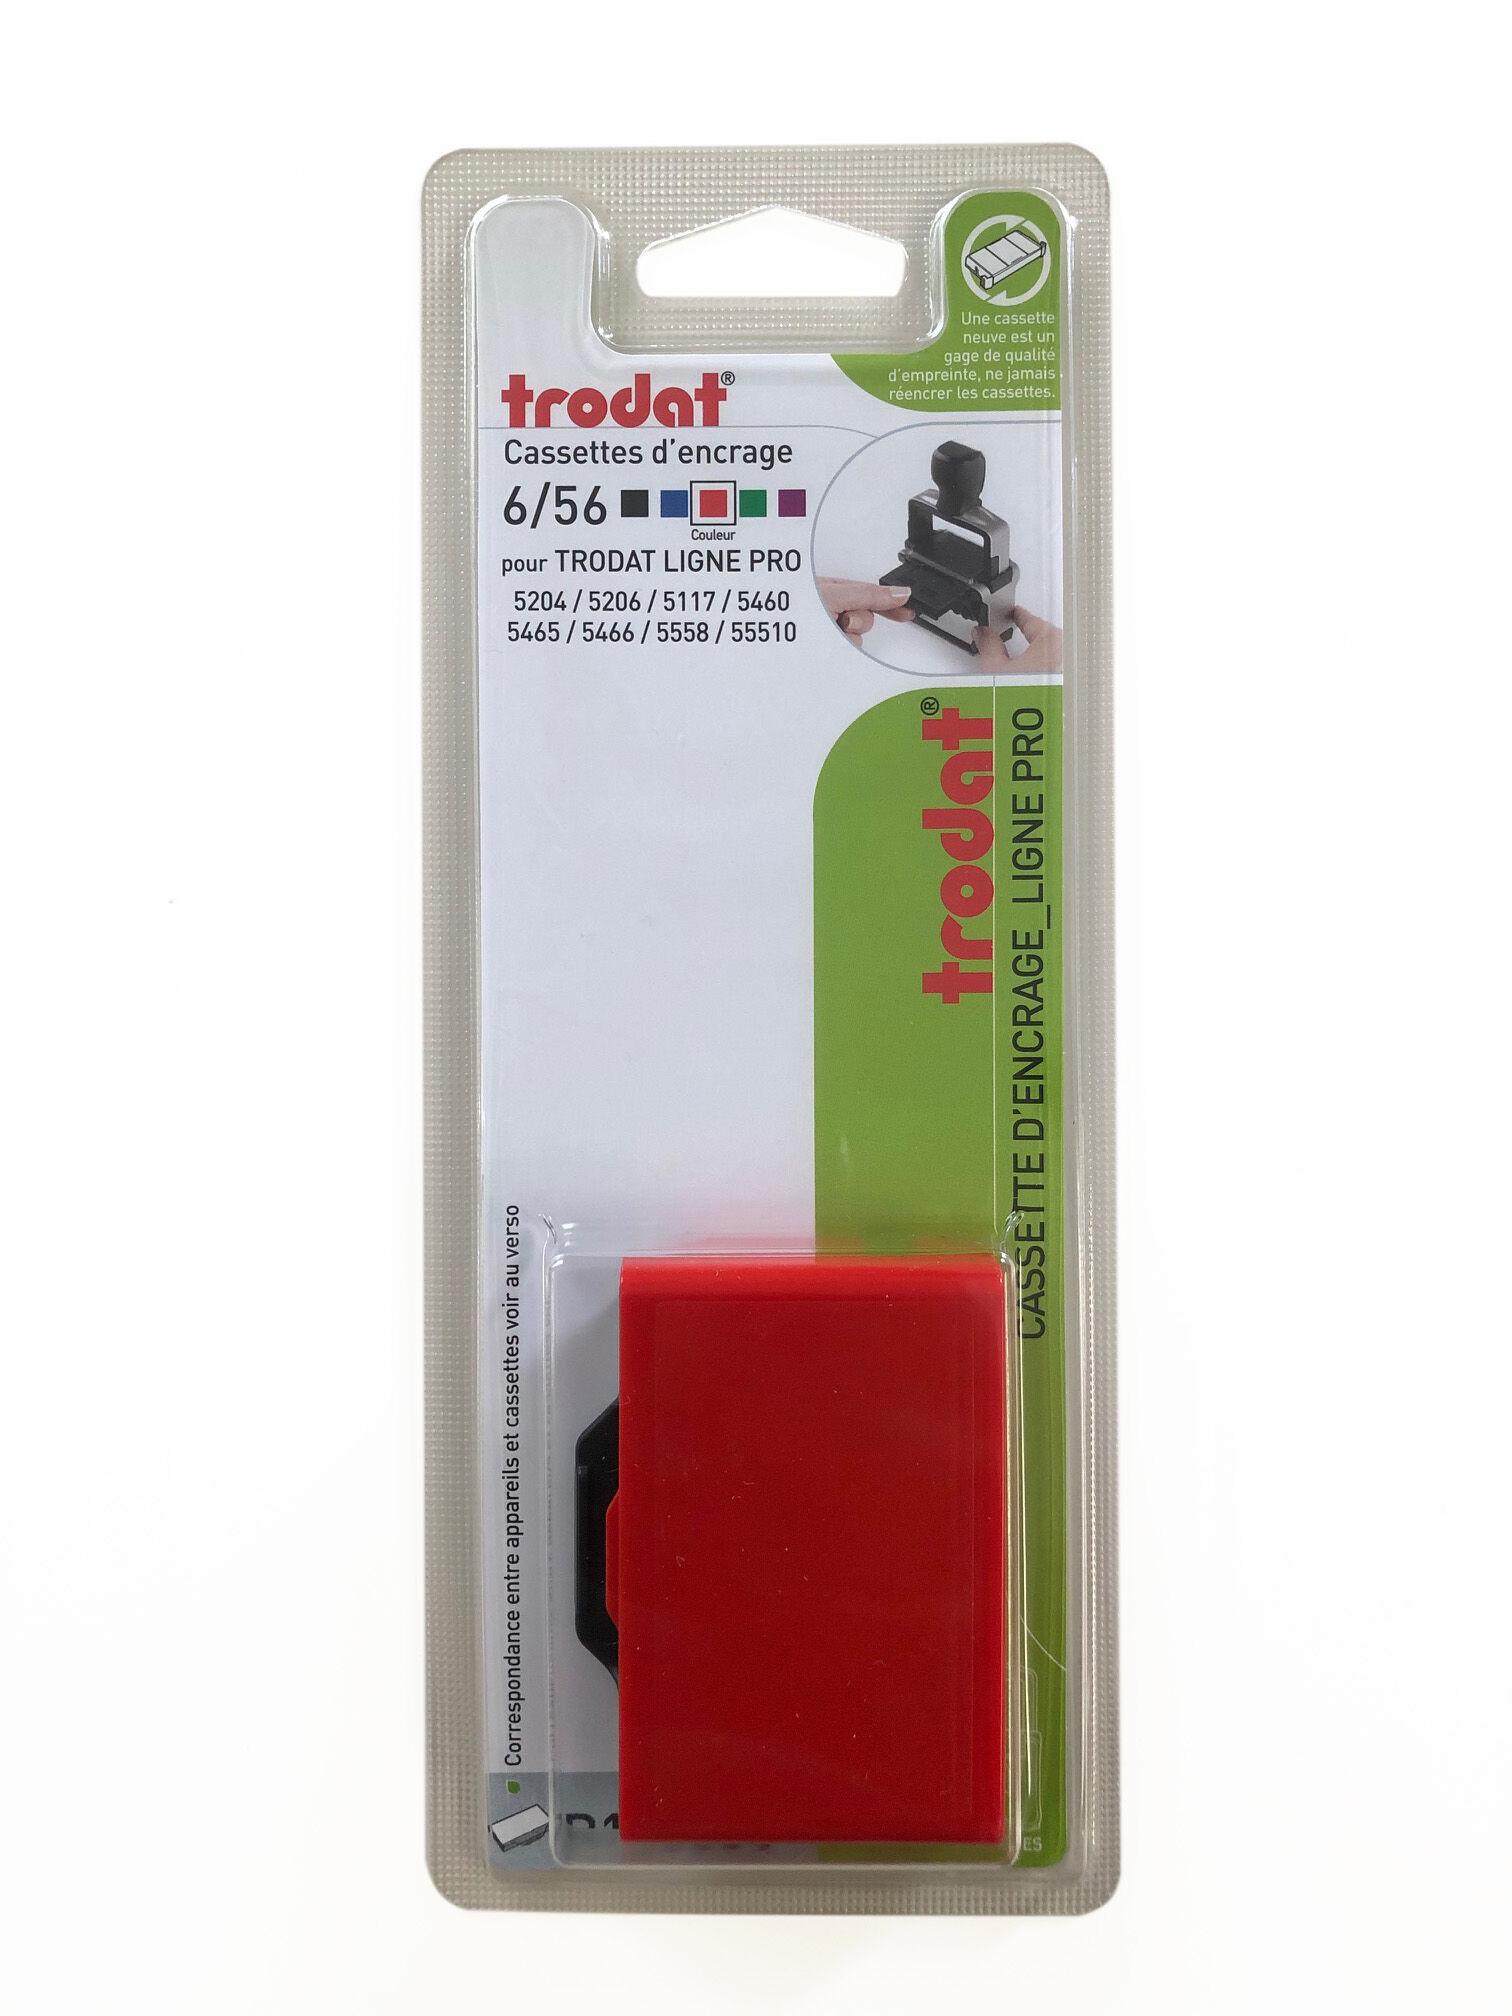 Trodat - Encrier 6/56 recharge pour tampon 5117/5204/5460 - rouge